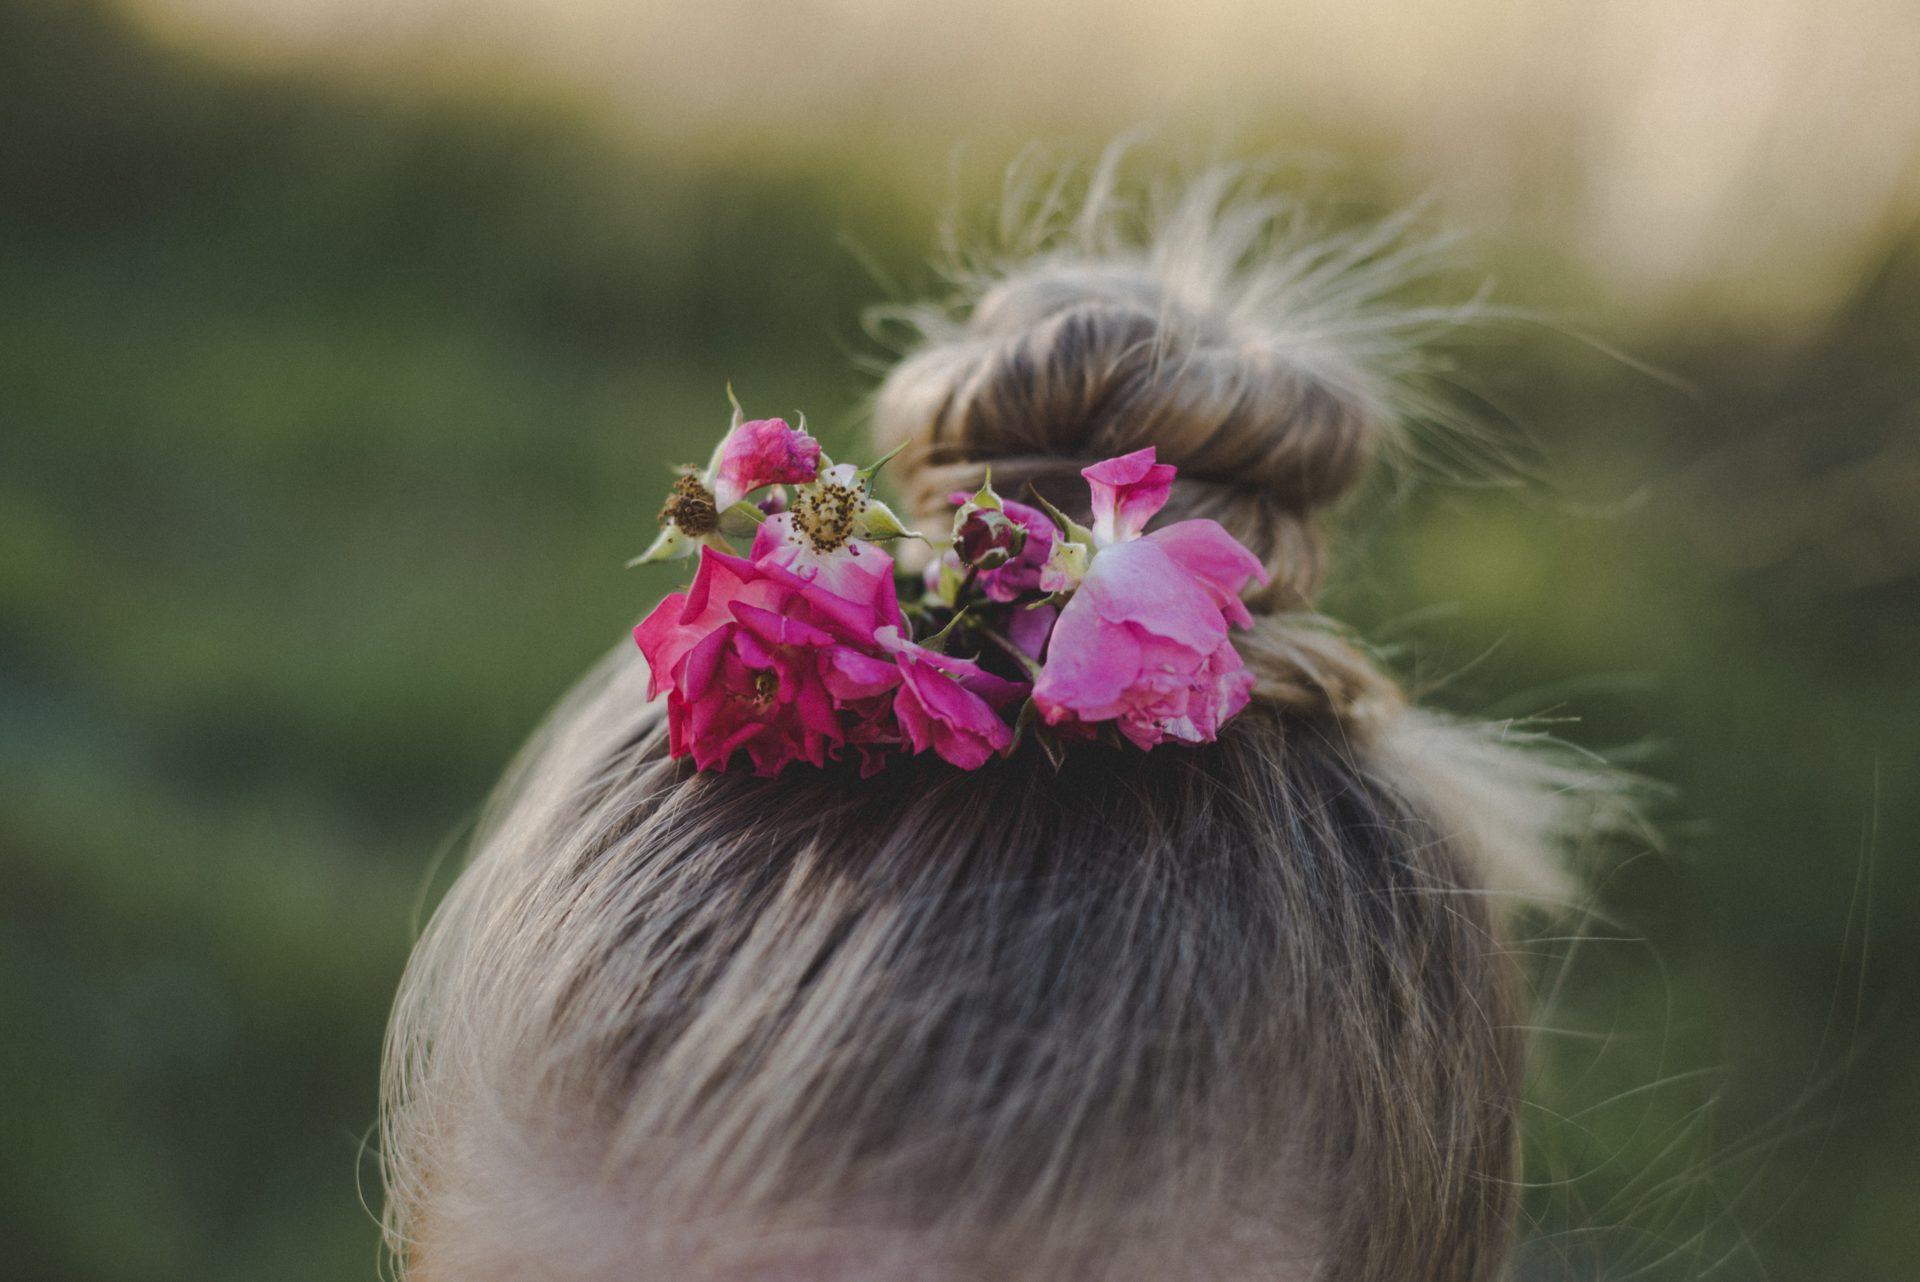 Dutt Frisur mit Blumen in den Haaren